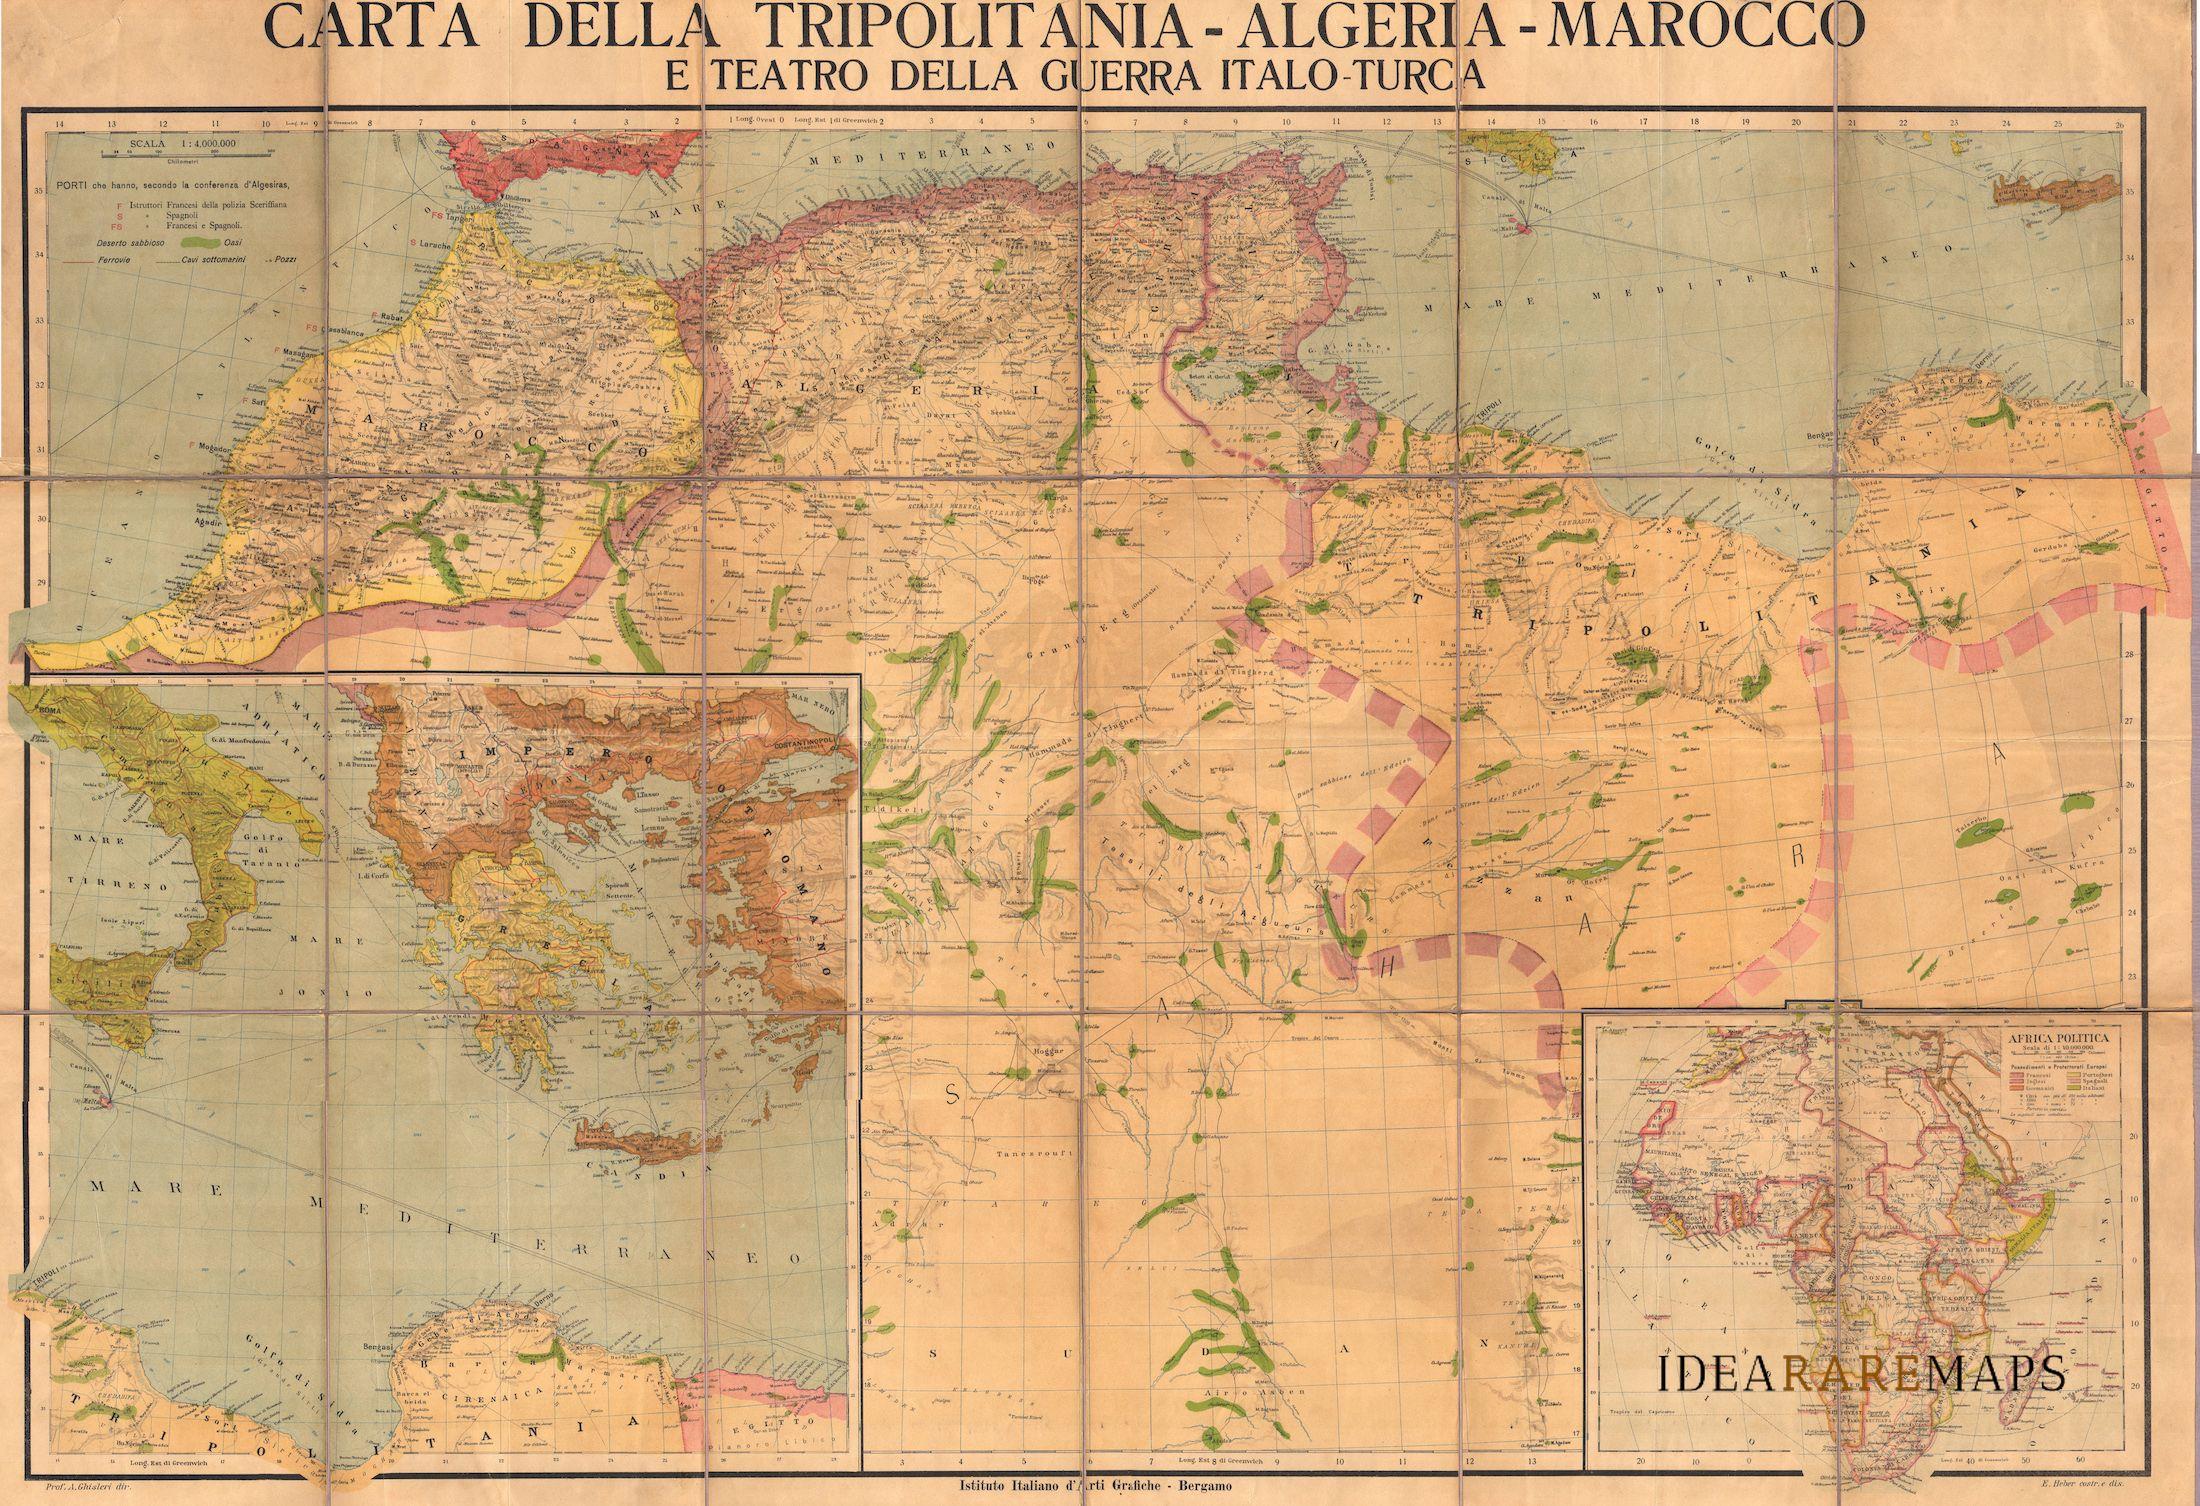 Cartina Politica Del Marocco.Carta Della Tripolitania Algeria Marocco E Teatro Della Guerra Italo Turca Idea Rare Maps